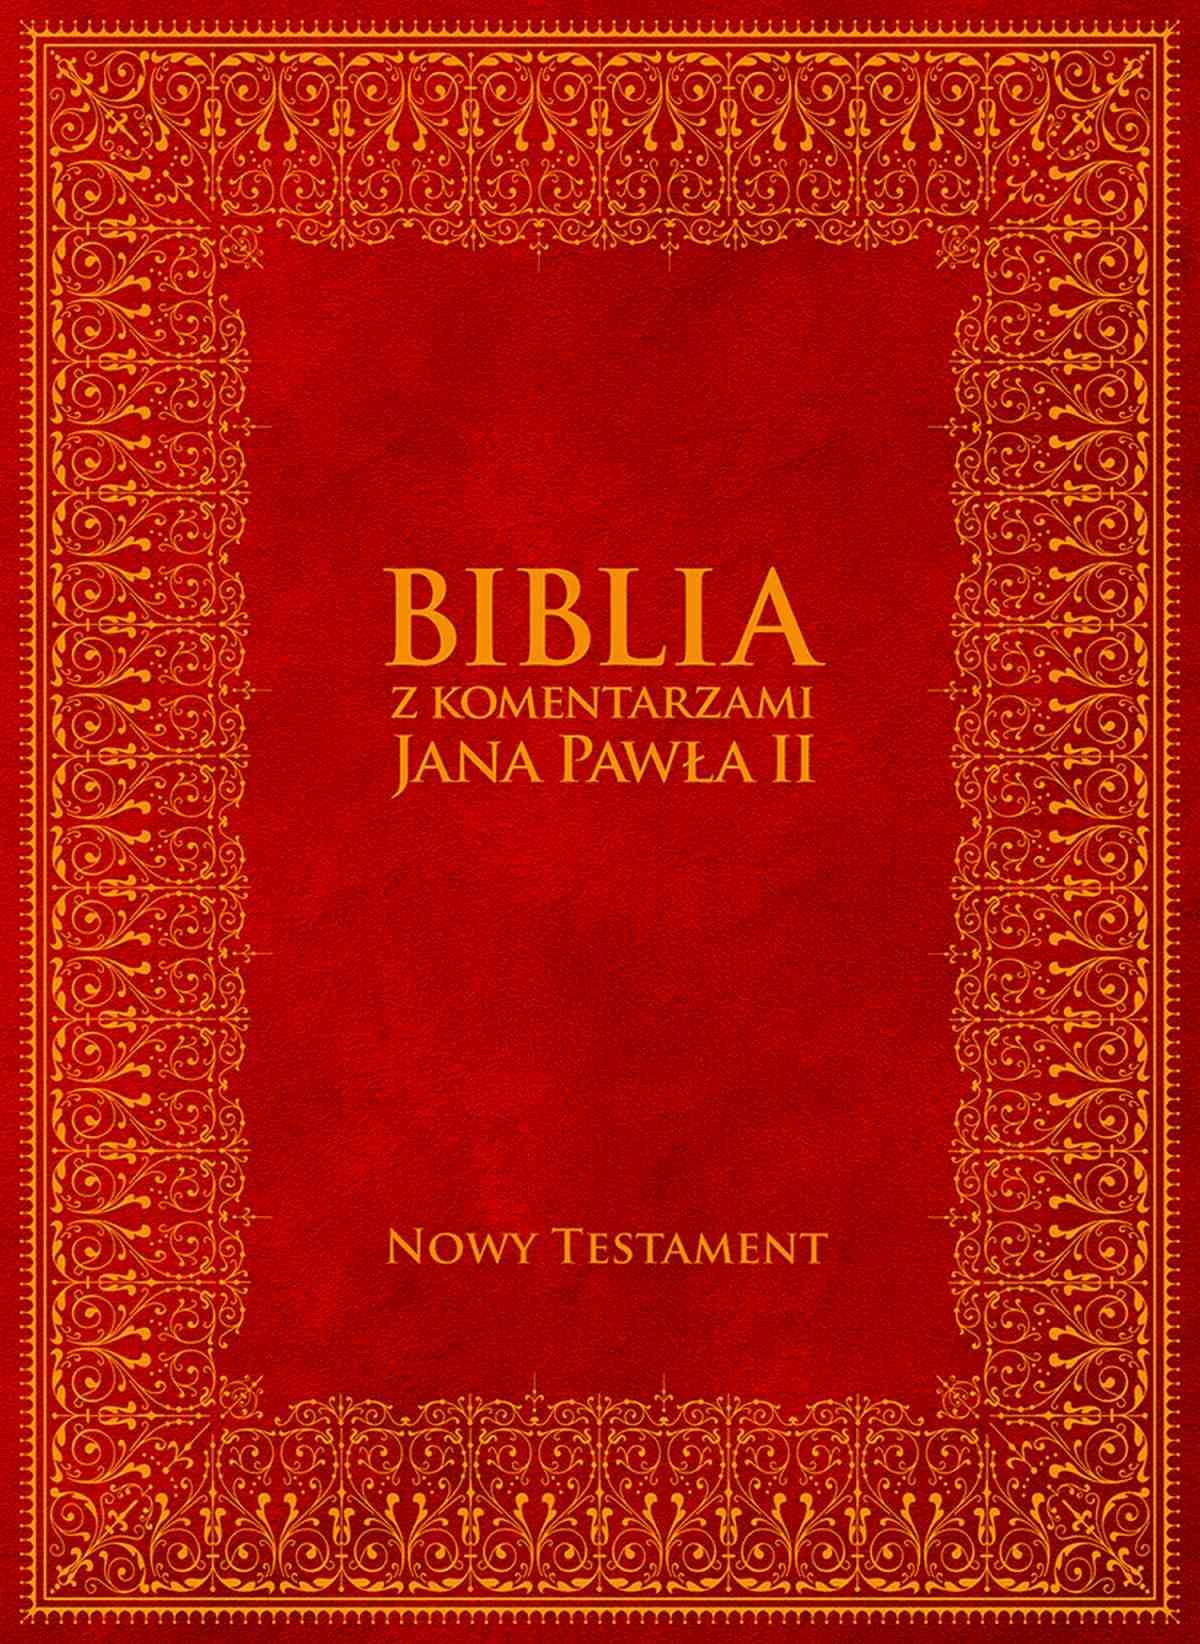 Biblia z Komentarzami Jana Pawła II. Nowy Testament - Ebook (Książka na Kindle) do pobrania w formacie MOBI